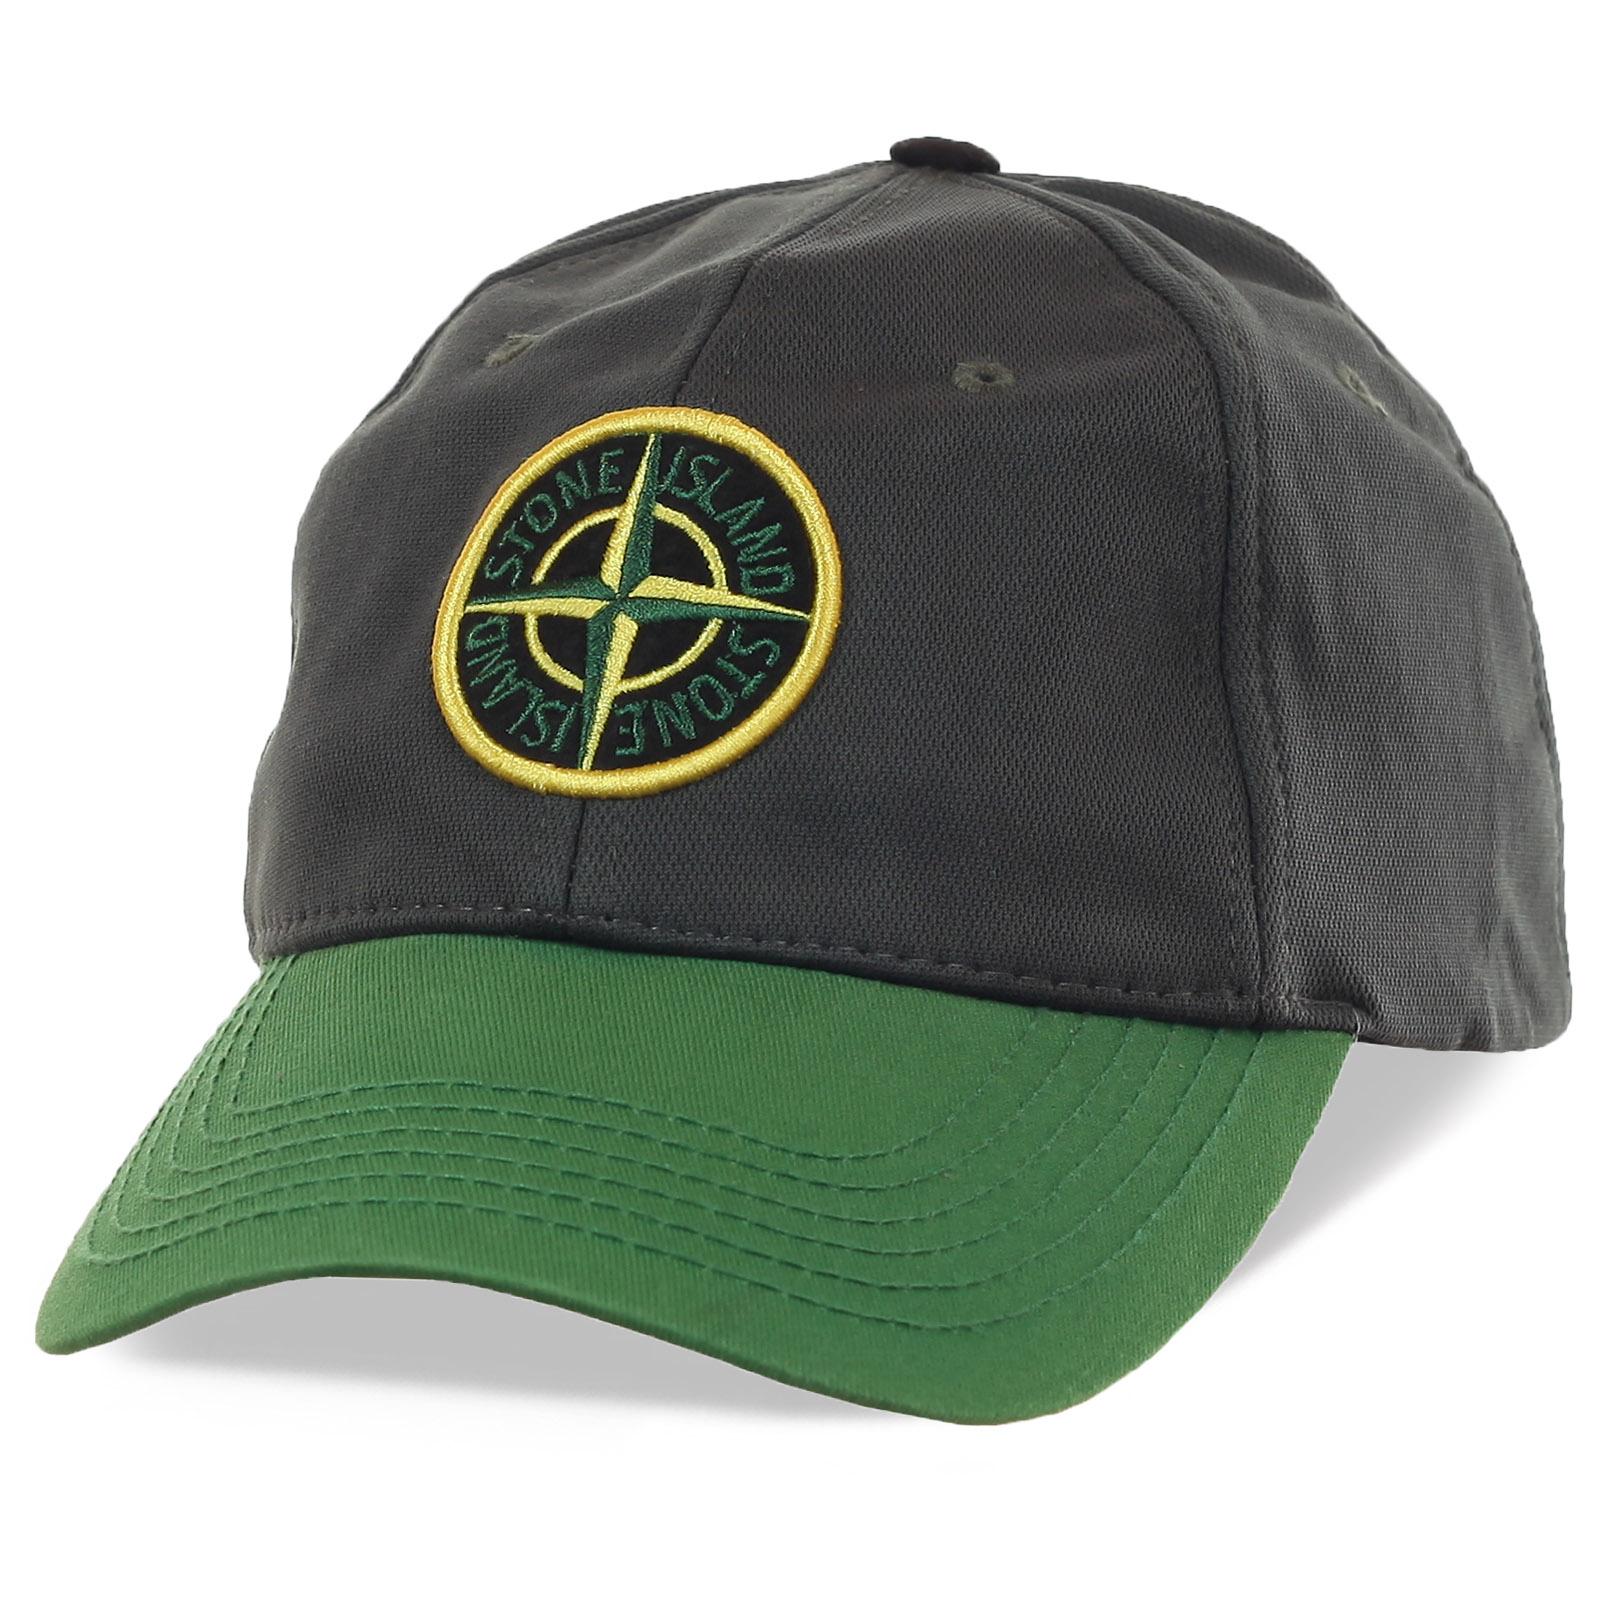 Бейсболка от бренда Stone Island – производителя одежды и аксессуаров премиум класса. Узнаваемая во всем мире эмблема, которая прокричит, что ты «СВОЙ»!